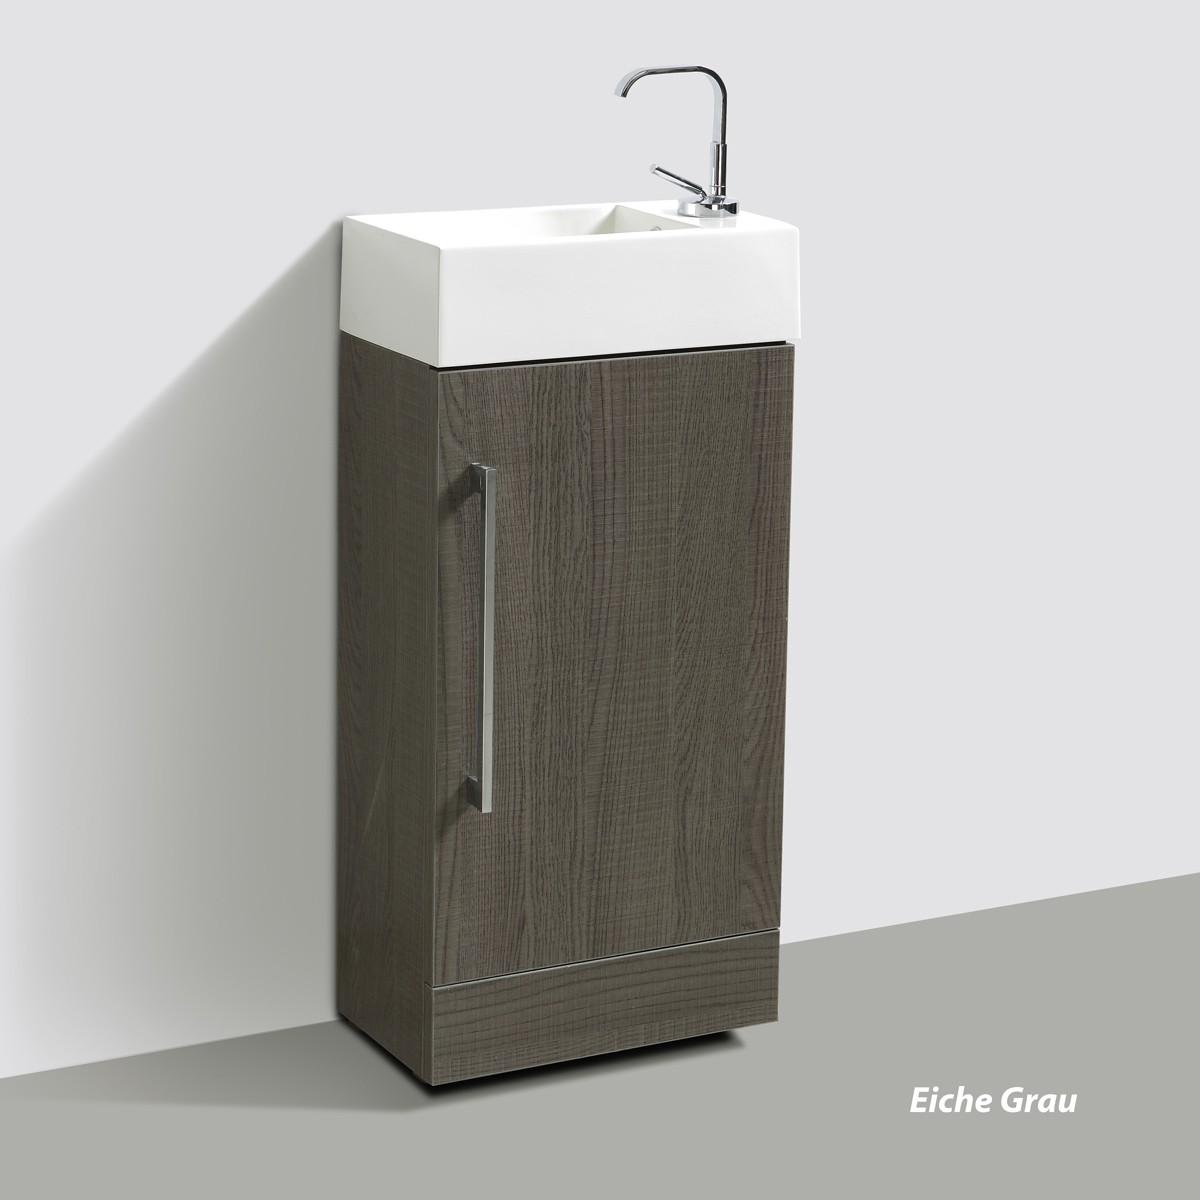 sch ne kleines waschbecken mit unterschrank f r g ste wc. Black Bedroom Furniture Sets. Home Design Ideas